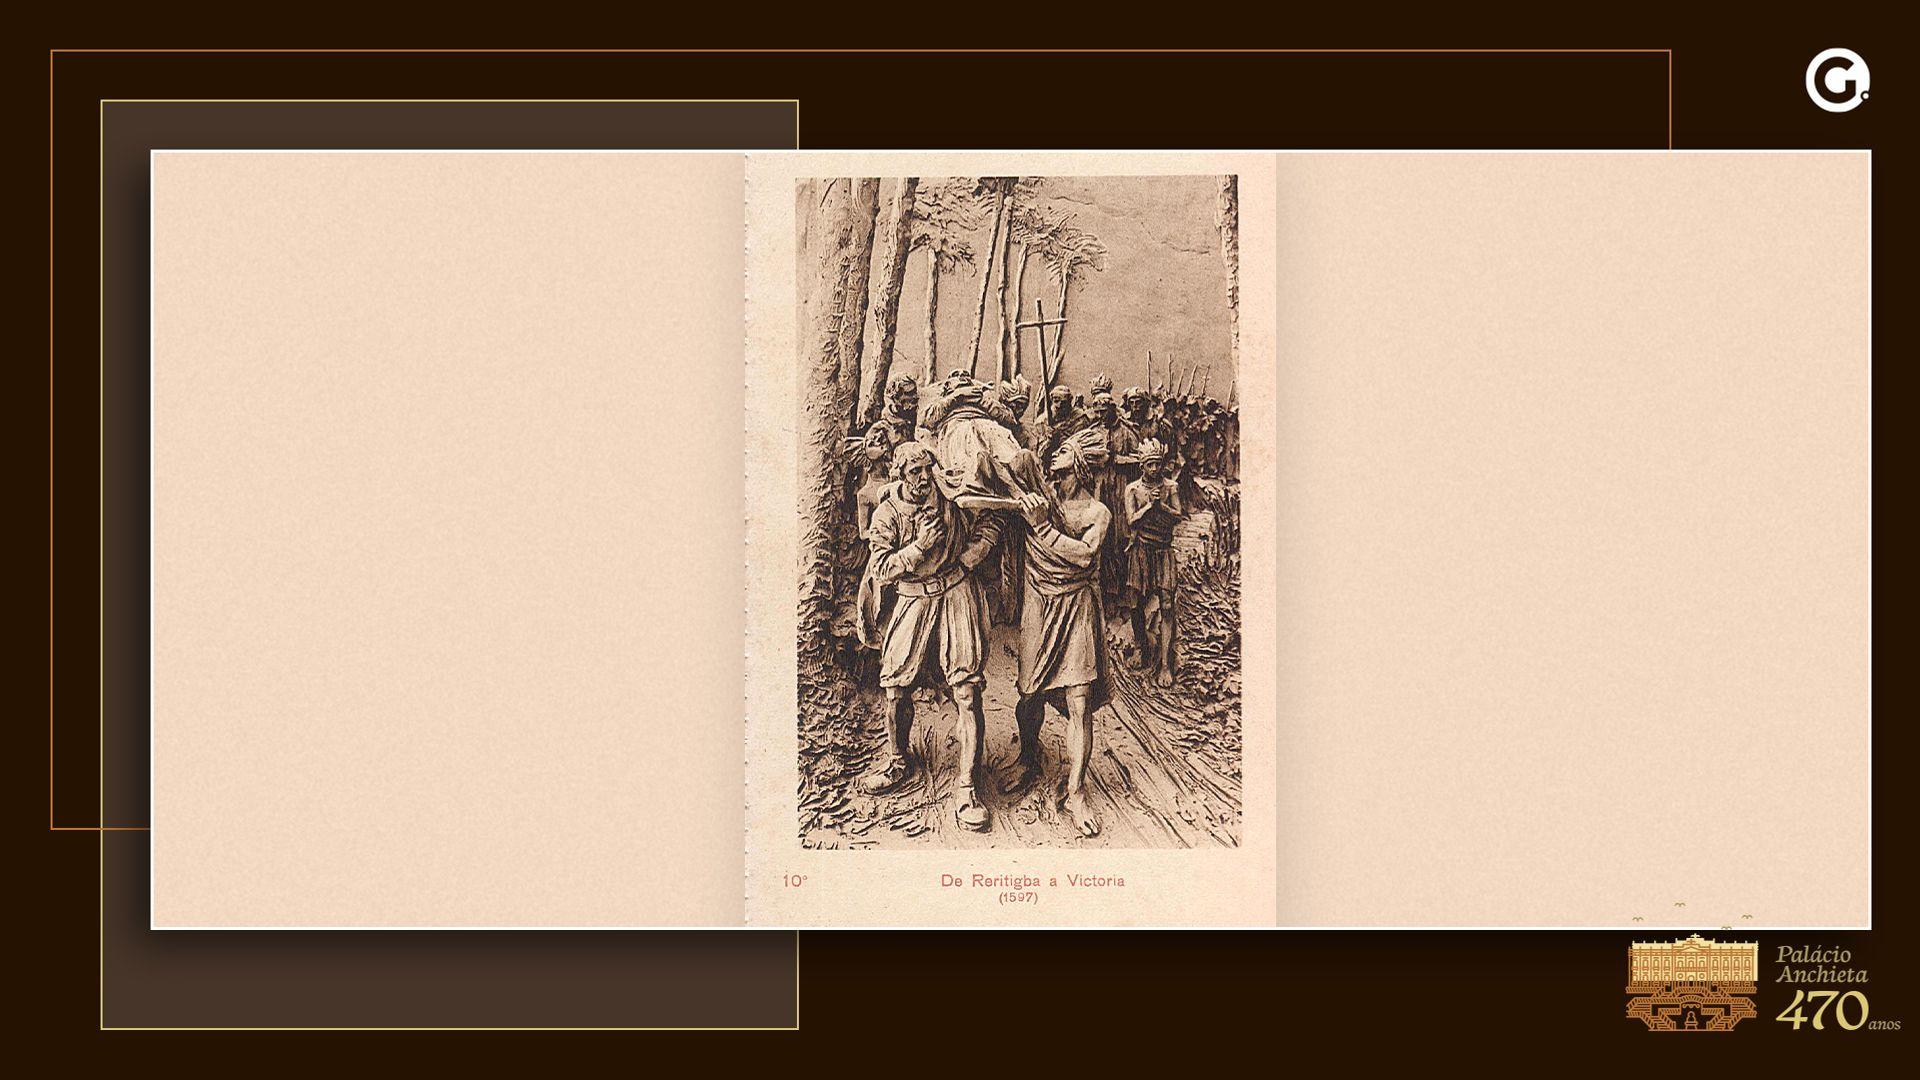 Corpo de Anchieta é levado pelos indígenas de Reritiba para Vitória